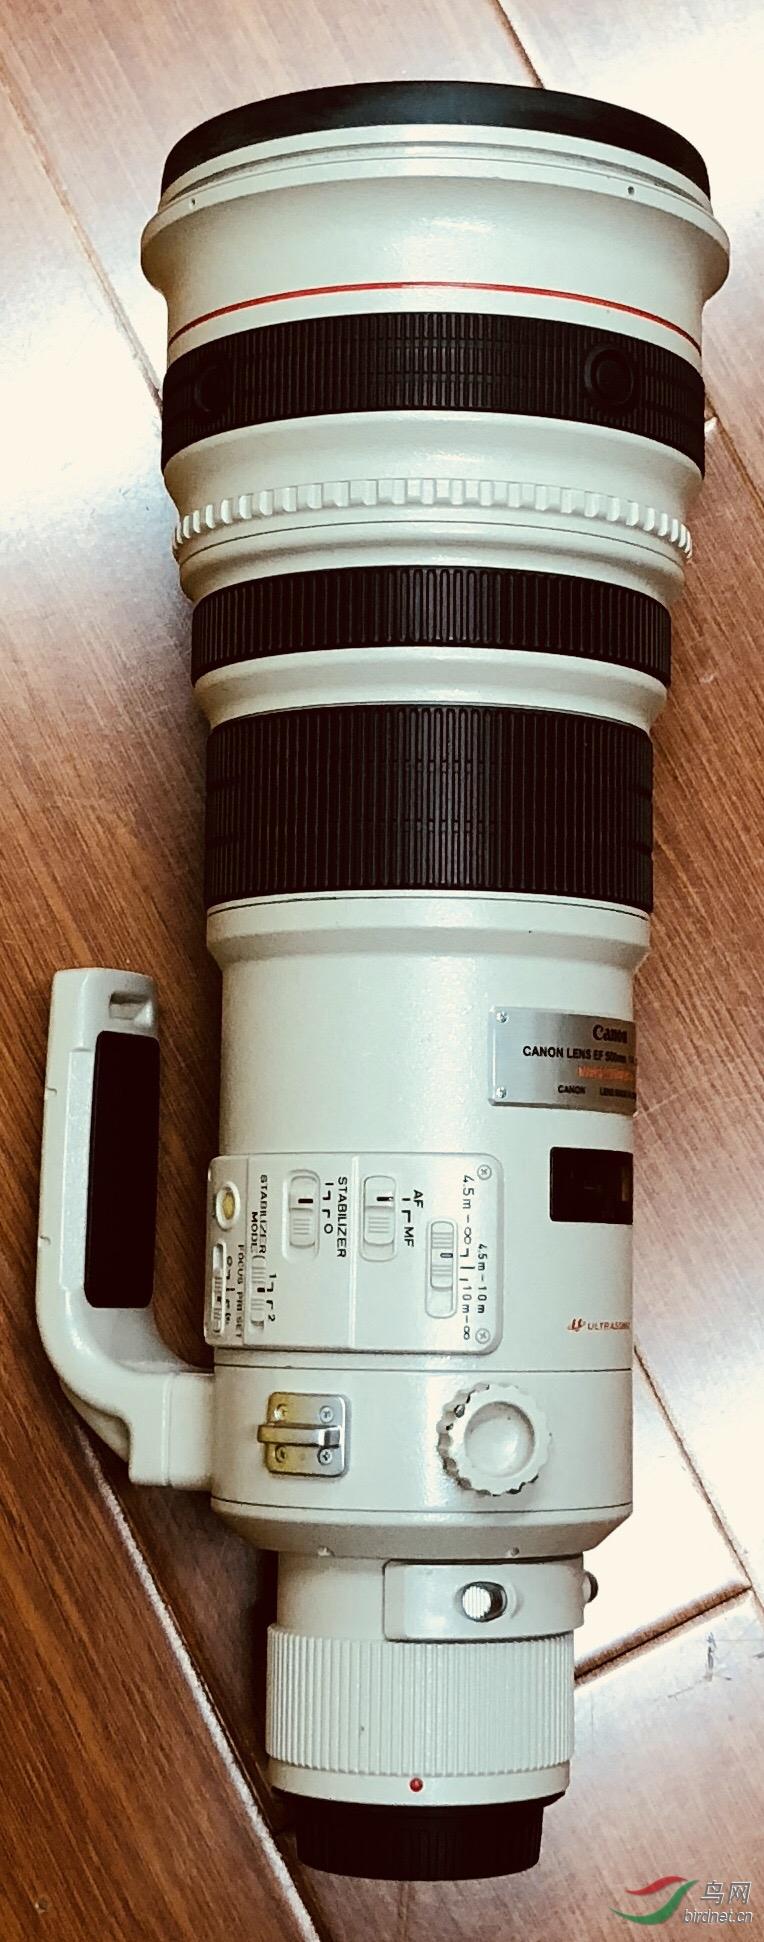 36FE9602-7DC1-4BD2-AA19-0FAD93893E5E.jpeg